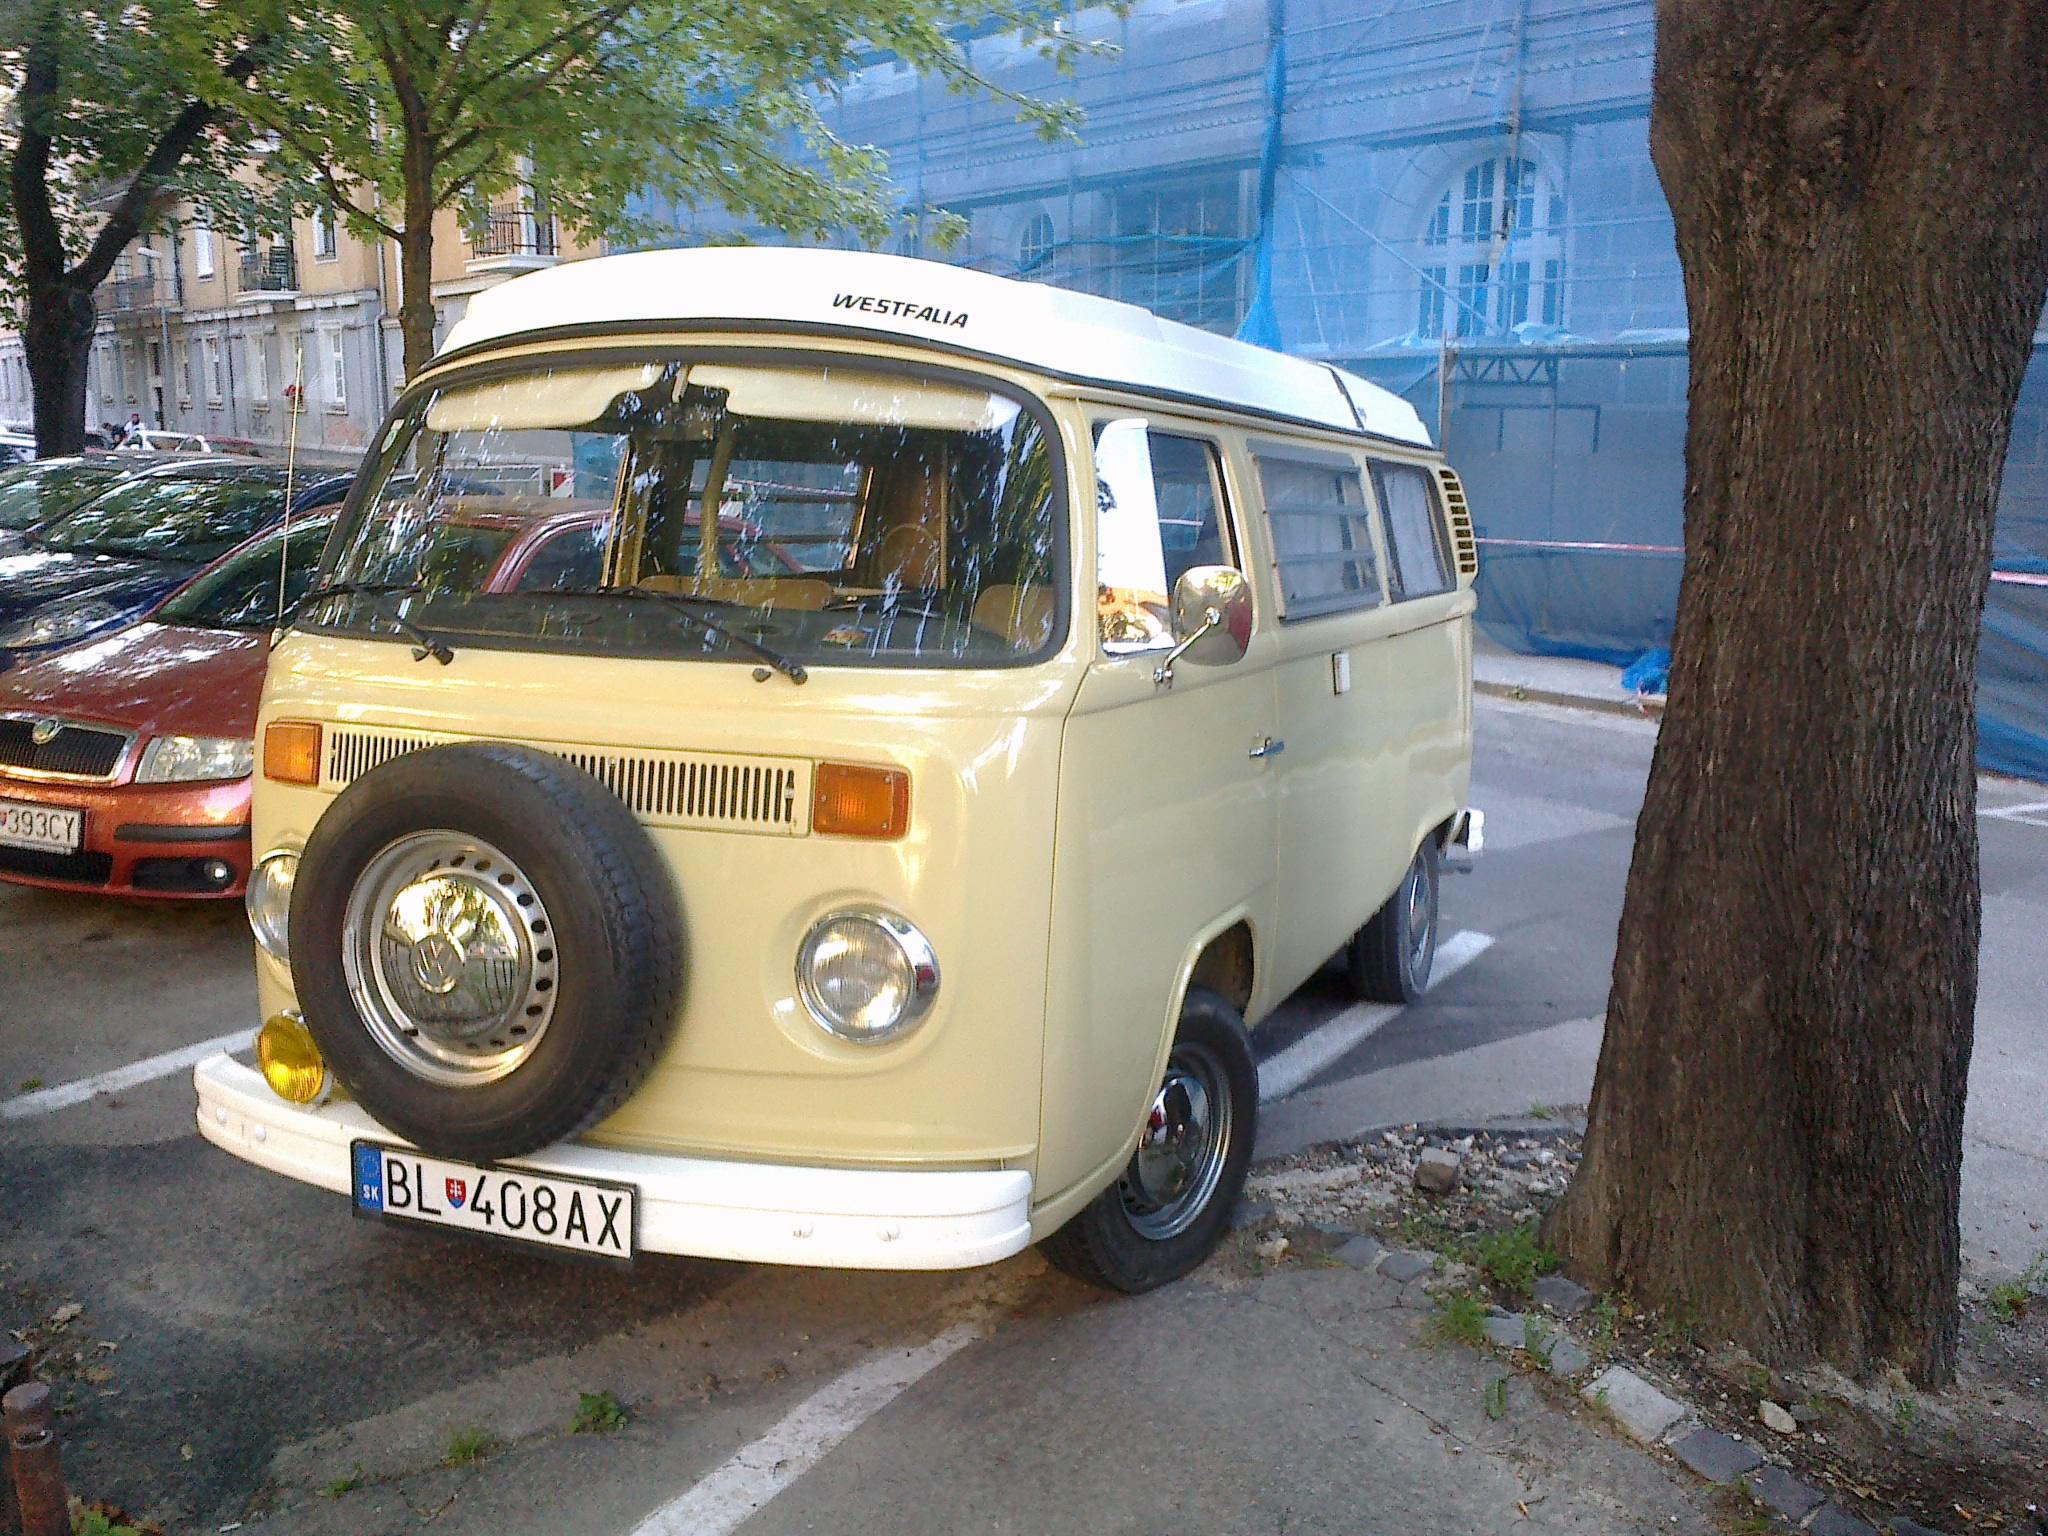 Volkswagen T2 (beige)Volkswagen T2 (beige)Volkswagen T2 (beige)Volkswagen T2 (beige)Volkswagen T2 (beige)Volkswagen T2 (beige)Volkswagen T2 (beige)Volkswagen T2 (beige)